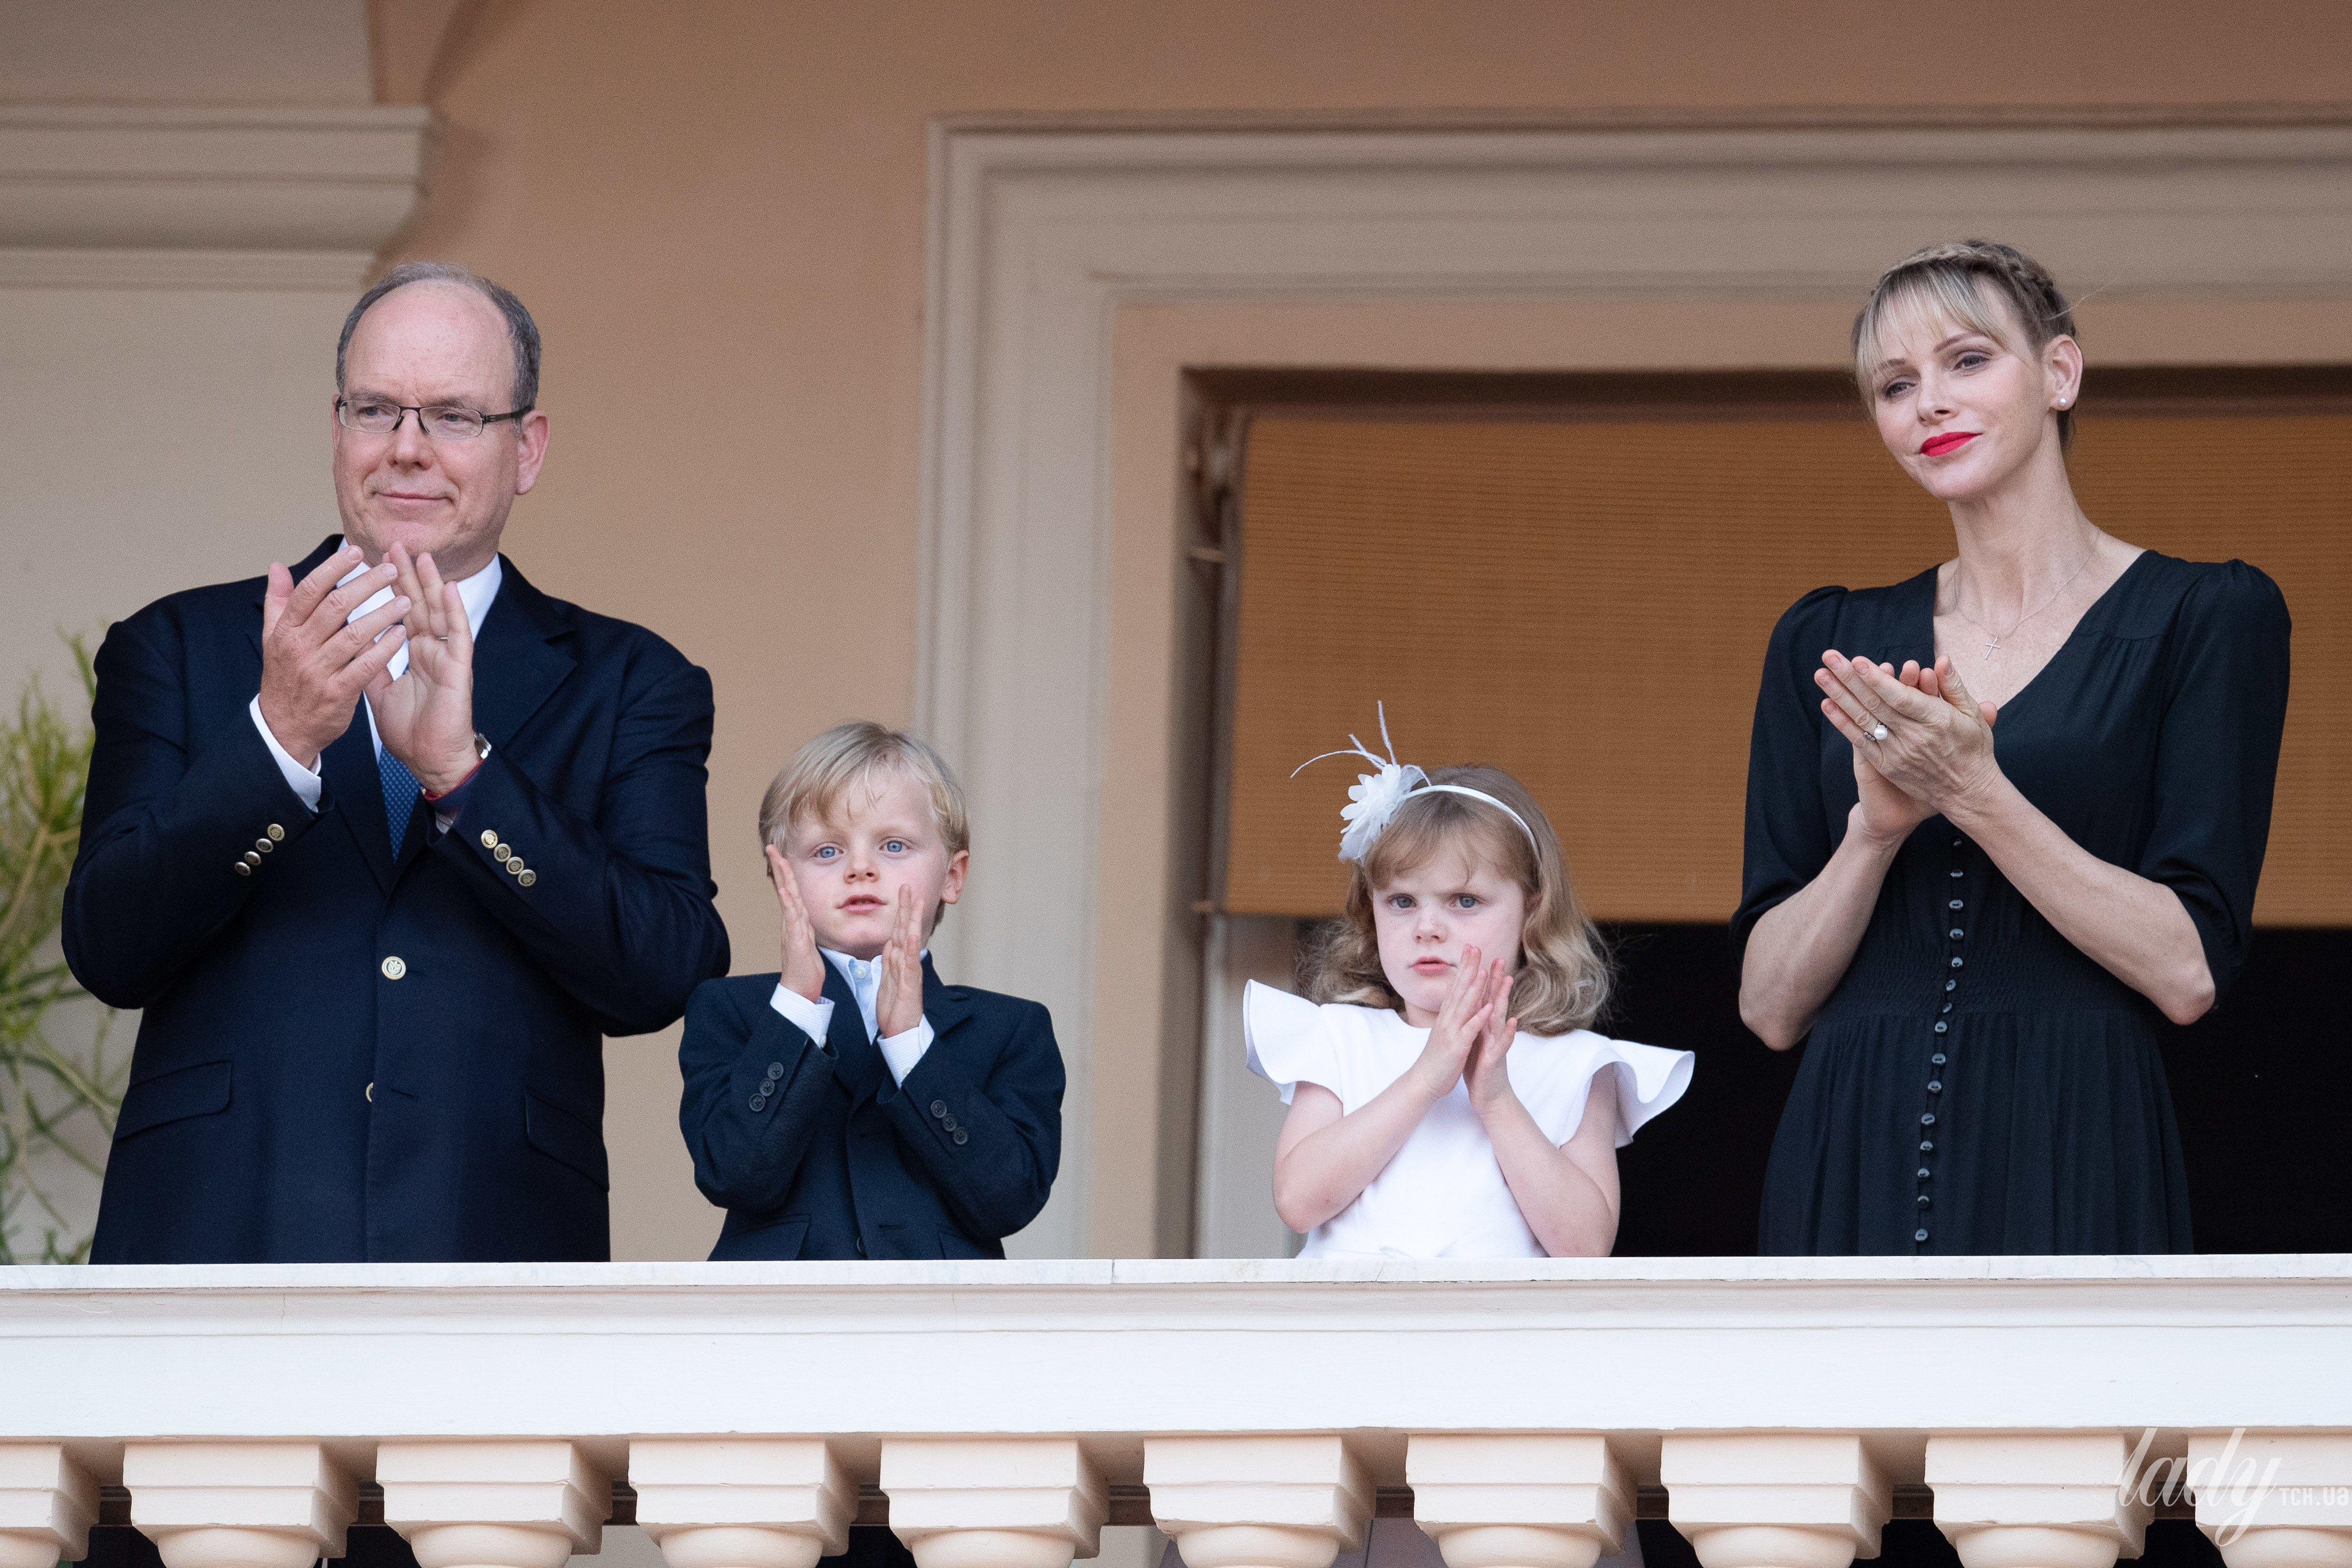 Княгиня Шарлин и князь Альбер II_1